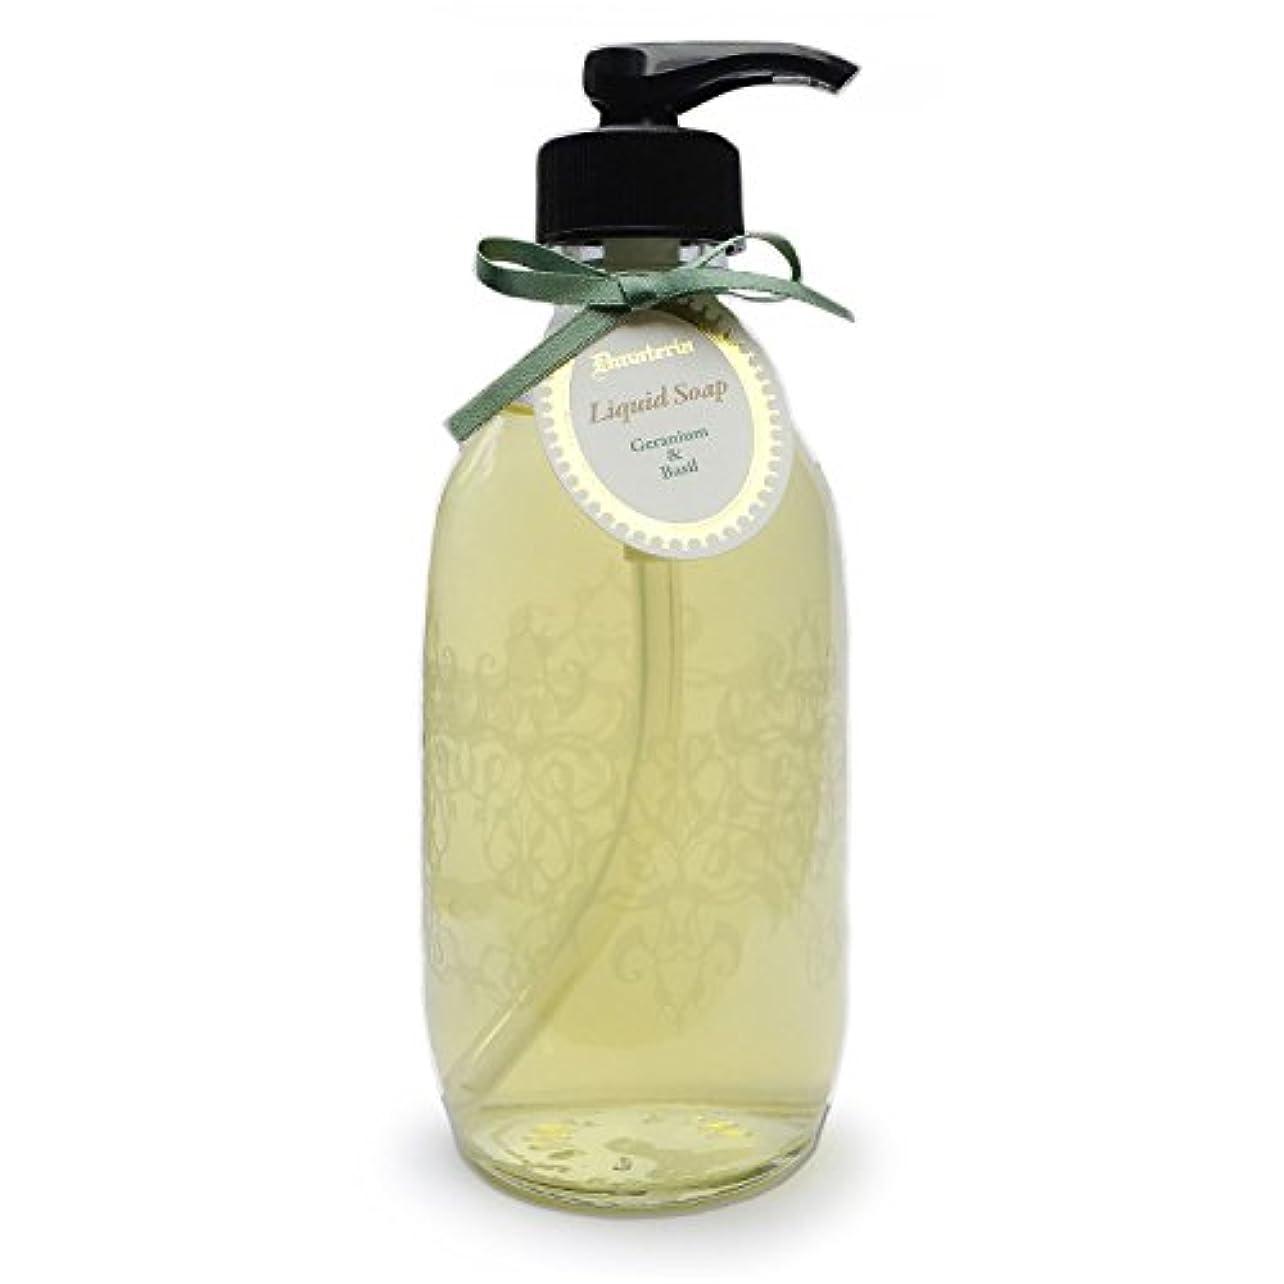 ティームブラシ分数D materia リキッドソープ ゼラニウム&バジル Geranium&Basil Liquid Soap ディーマテリア